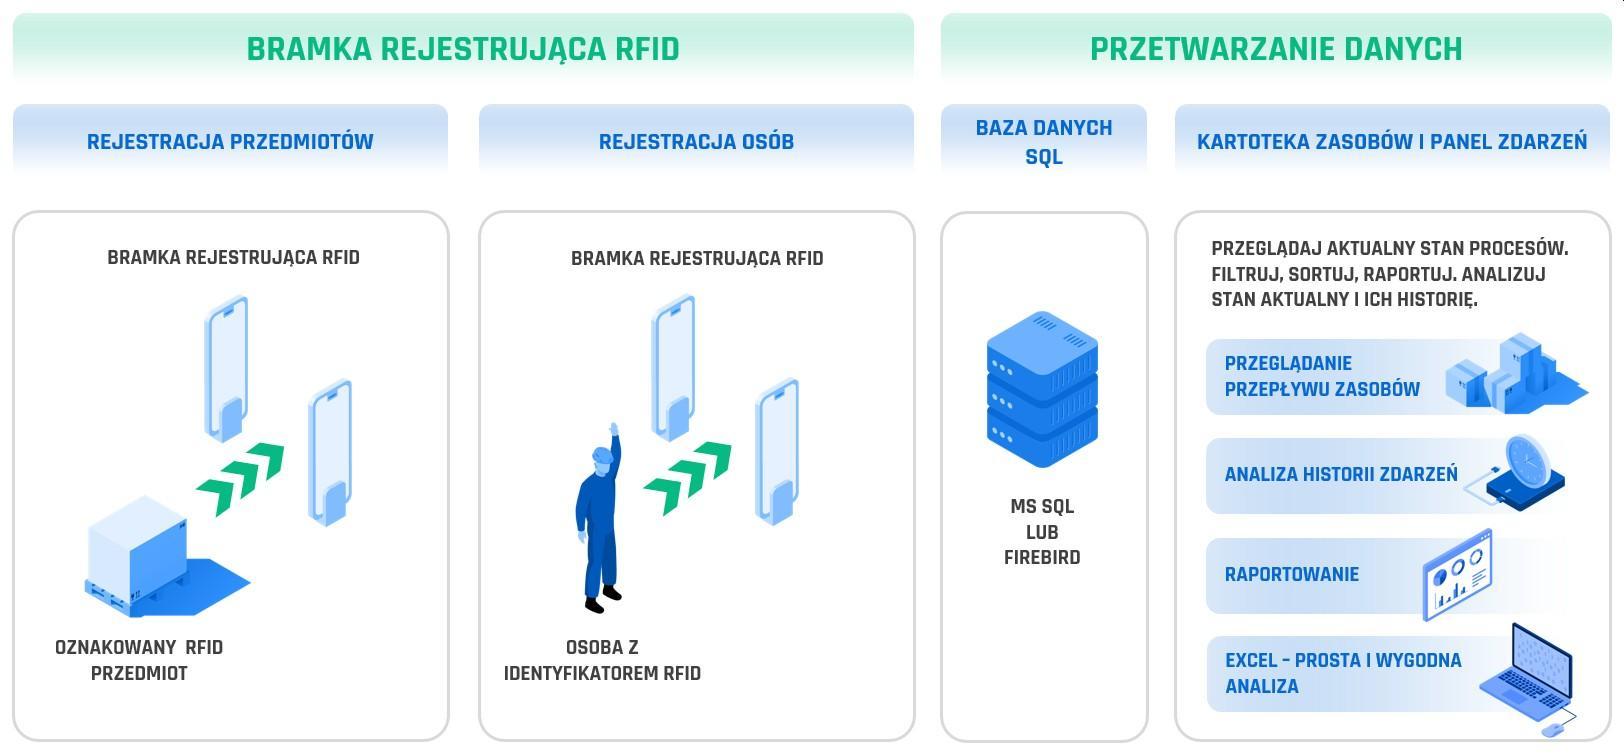 Działanie bramki RFID